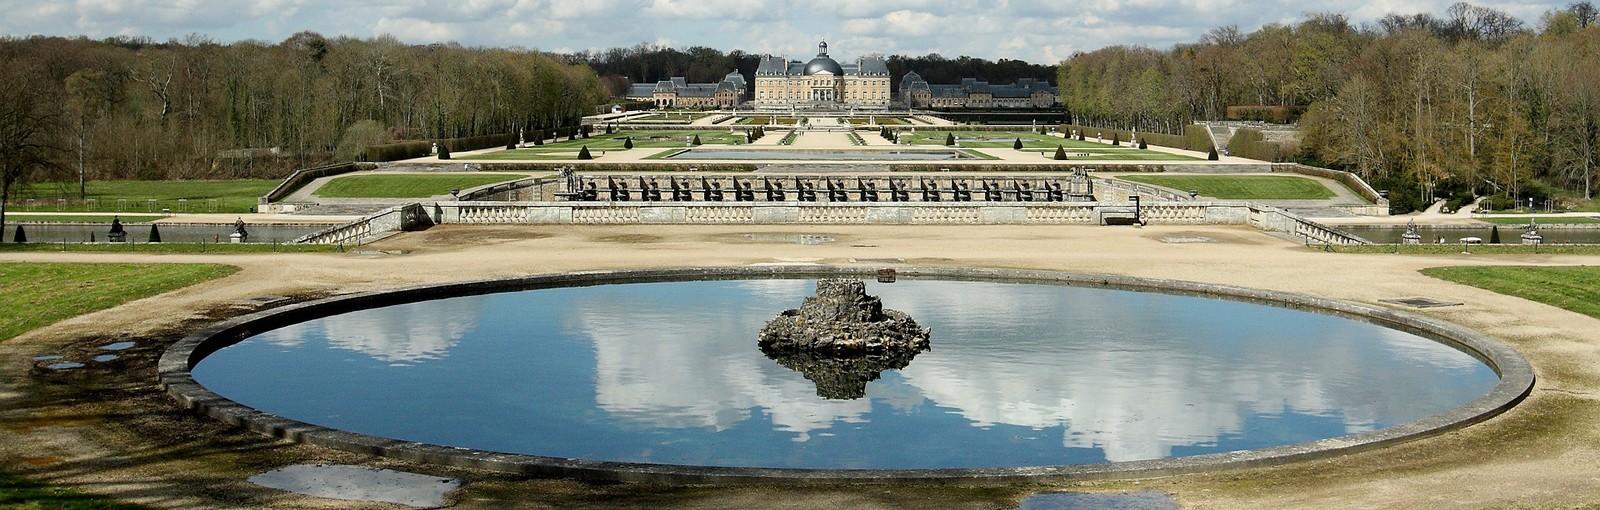 Tours Châteaux et Forêts, l'Île-de-France en Majesté - de Vaux-le-Vicomte à Versailles - Île-de-France - Circuits au départ de Paris